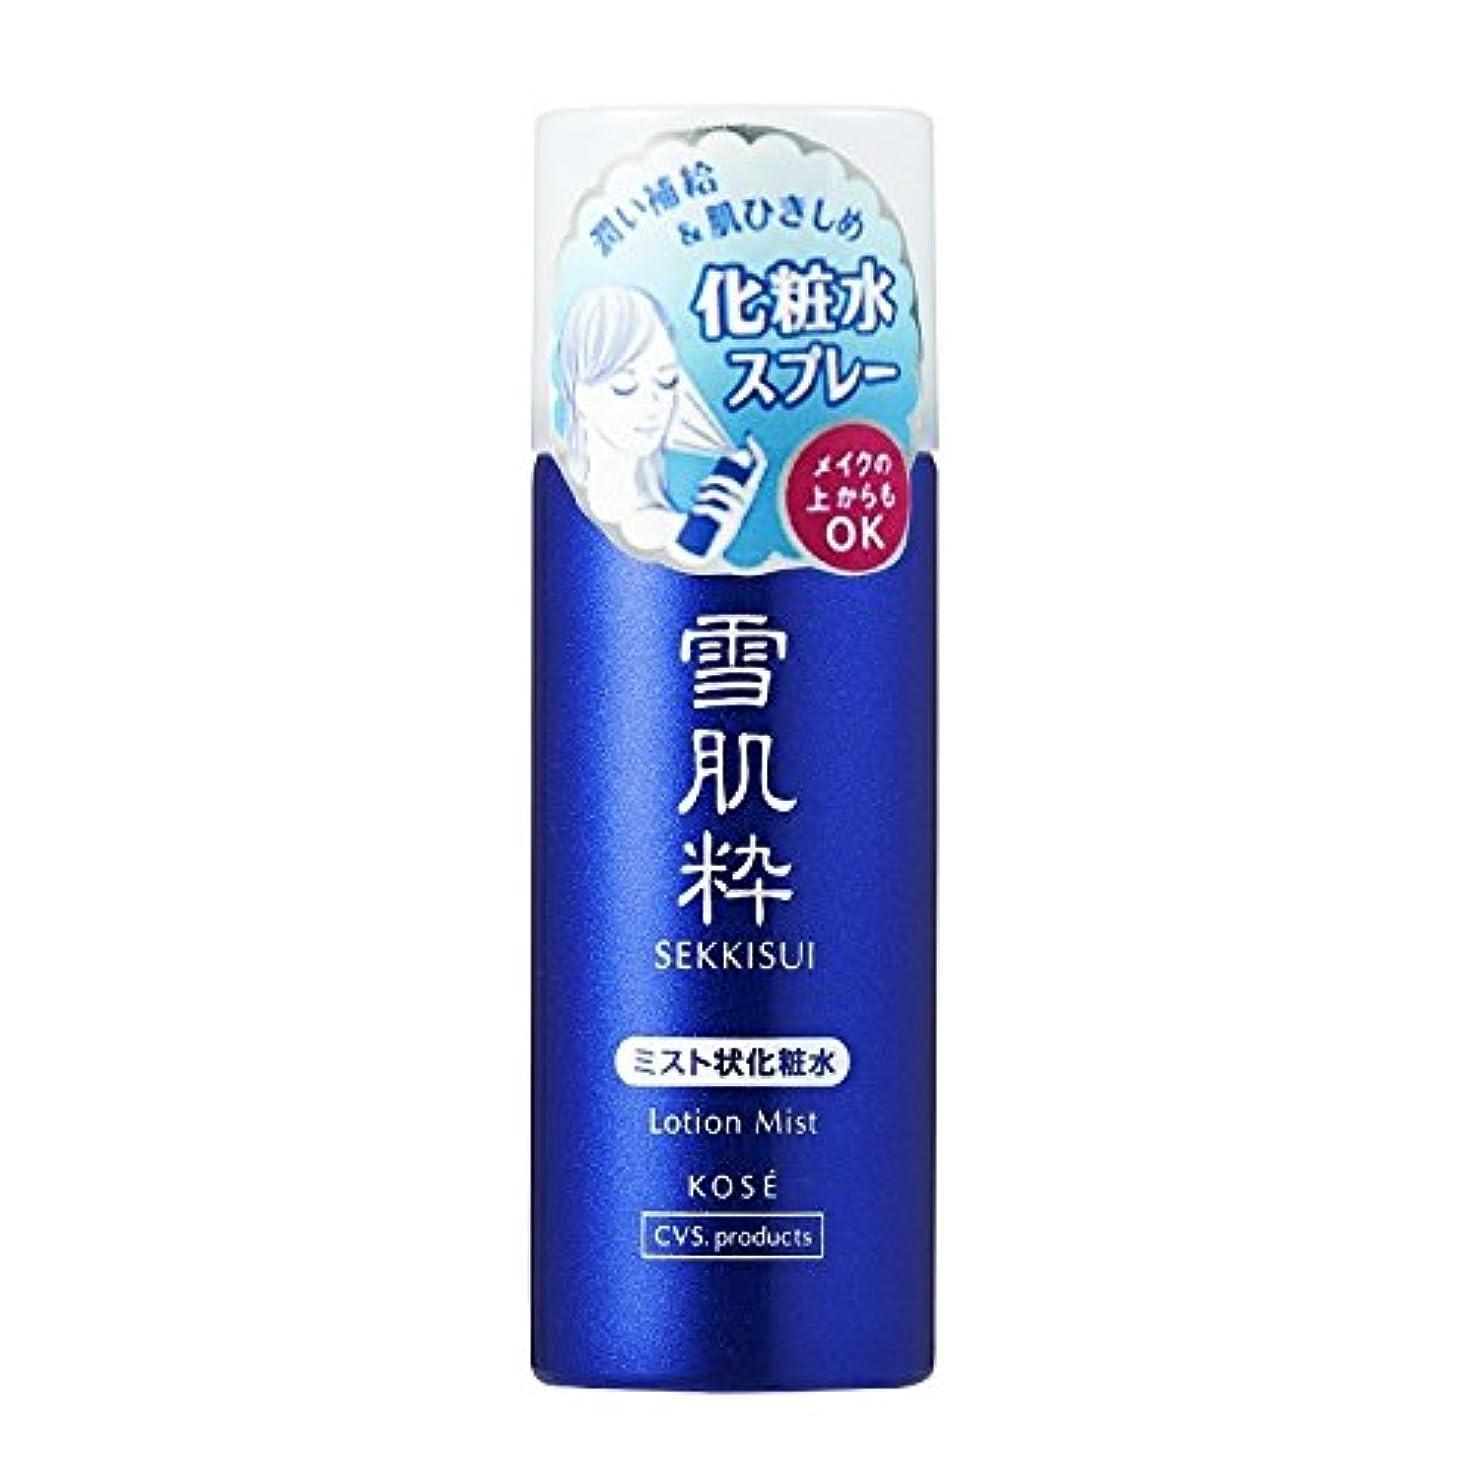 オアシスモニターお願いしますコーセー 雪肌粋 化粧水ミスト 35g×3本